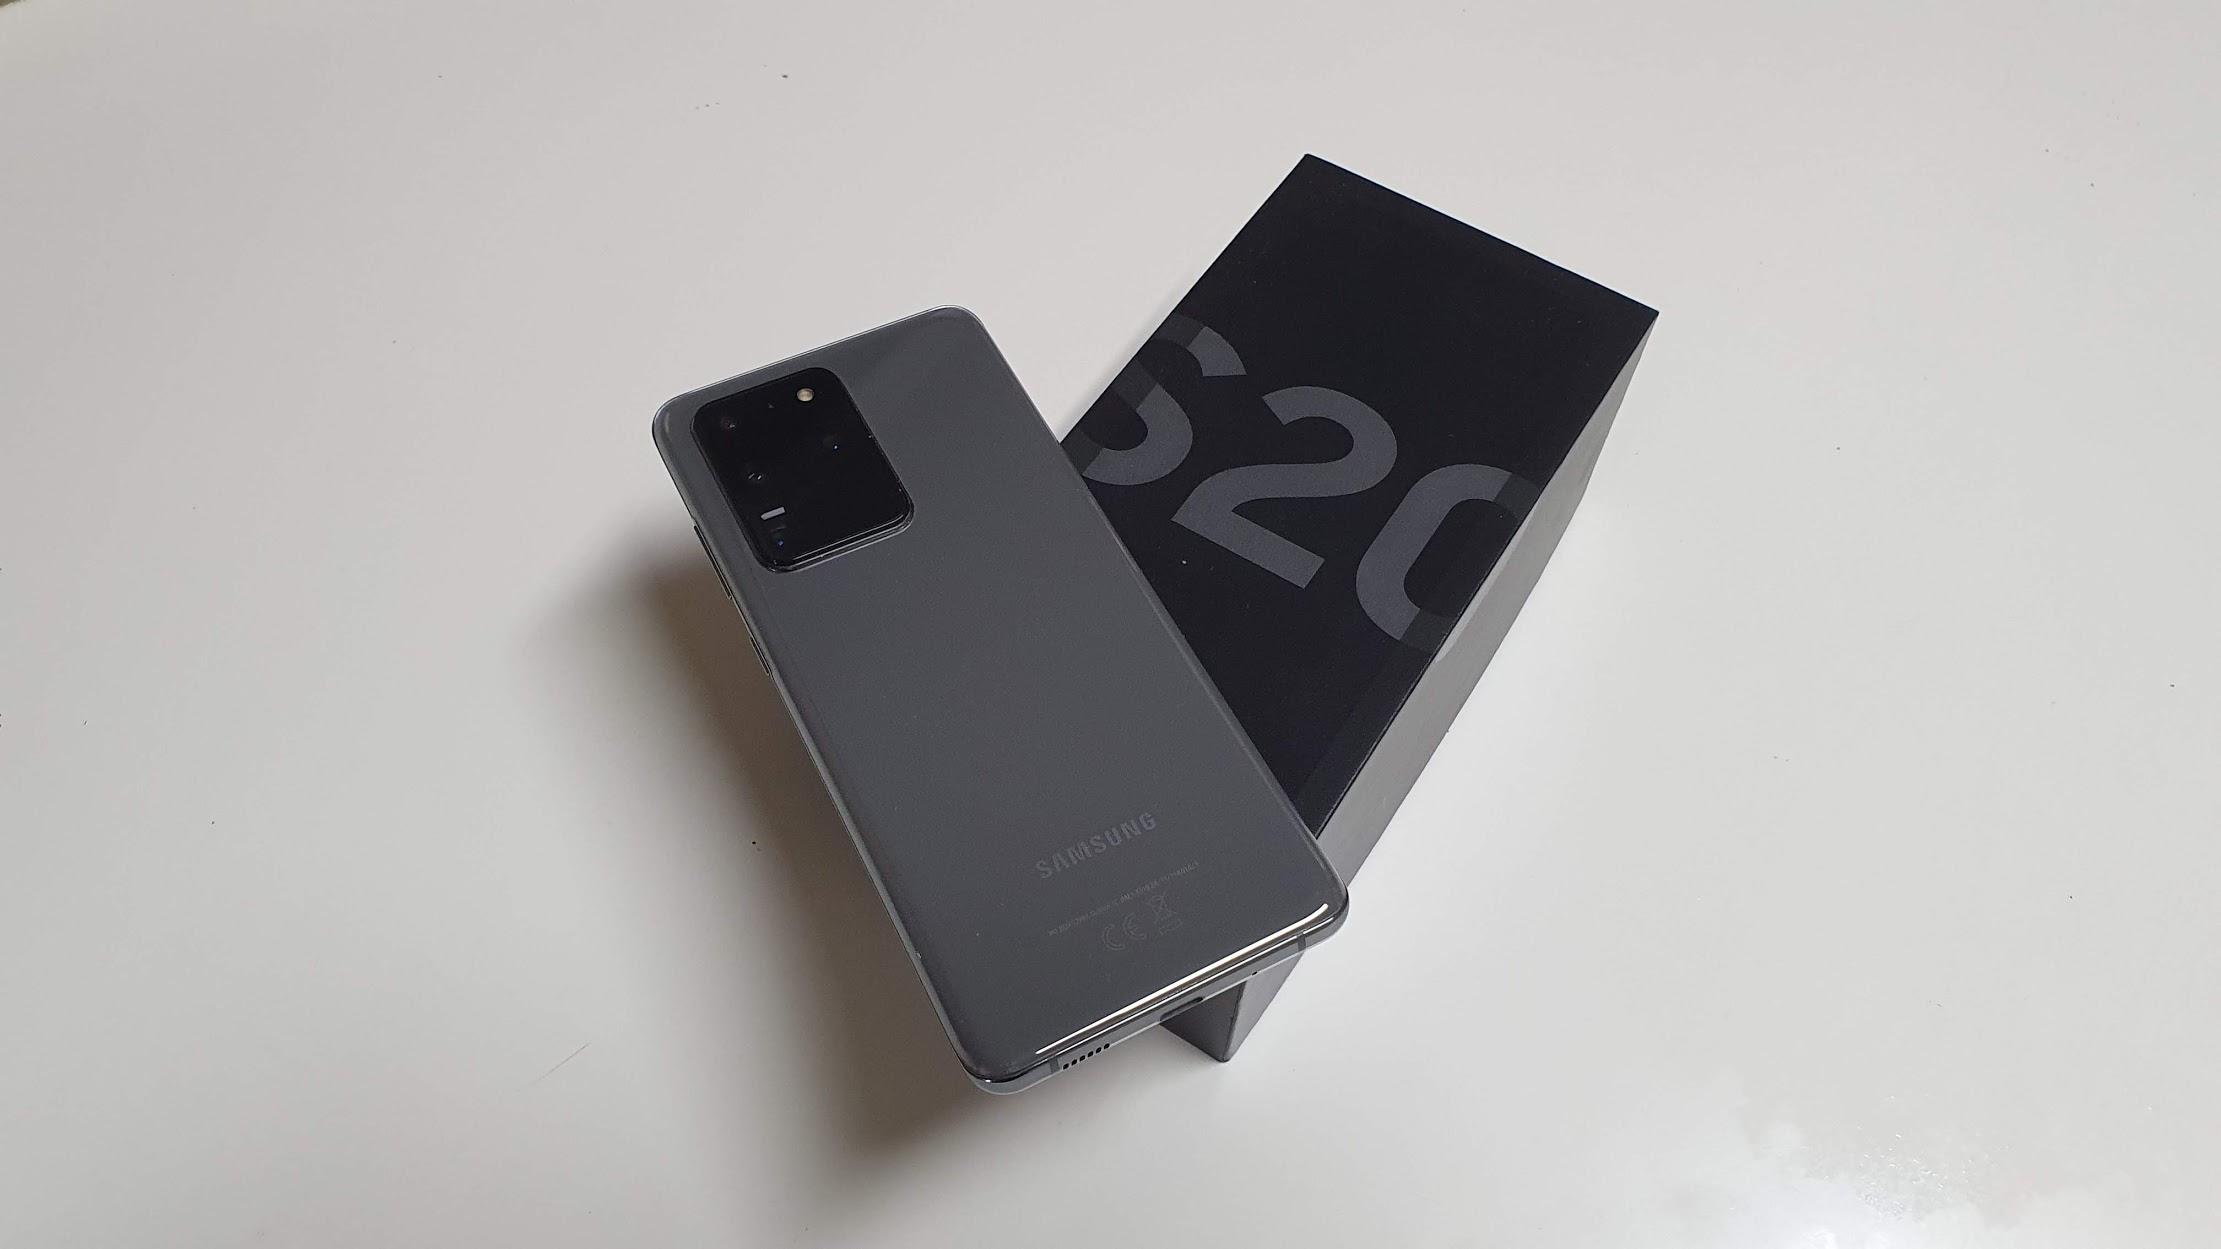 Análise | Galaxy S20 Ultra apresenta uma linda tela com frequência de 120Hz, excelentes câmeras e boa duração de bateria